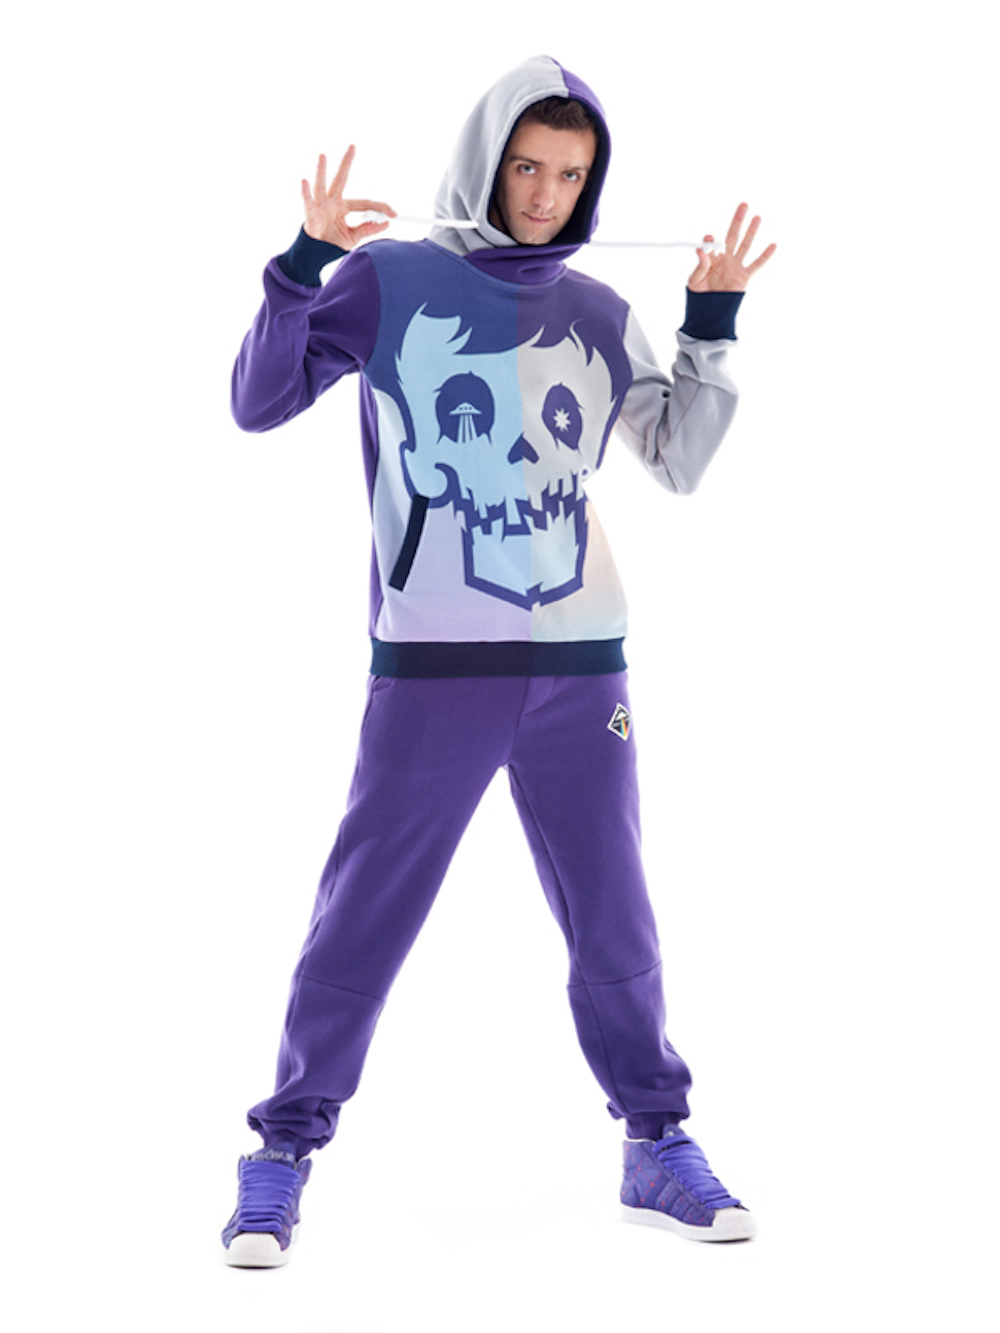 Crystal Skull Hoodie (Violet) - Okuaku